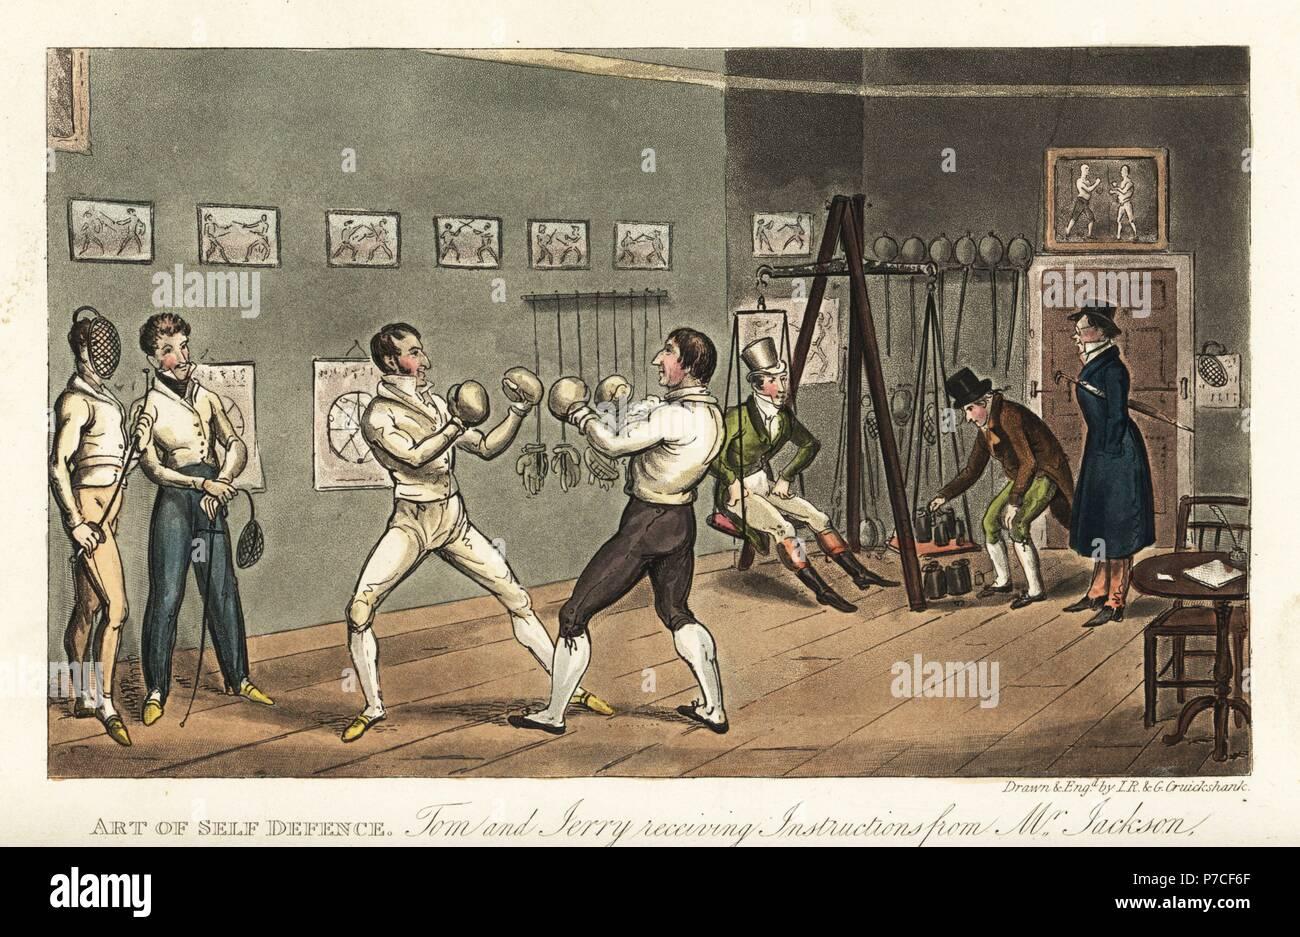 Englisch Dandy Tom Ein Boxing Lektion Von Beruhmten Boxer Gentleman